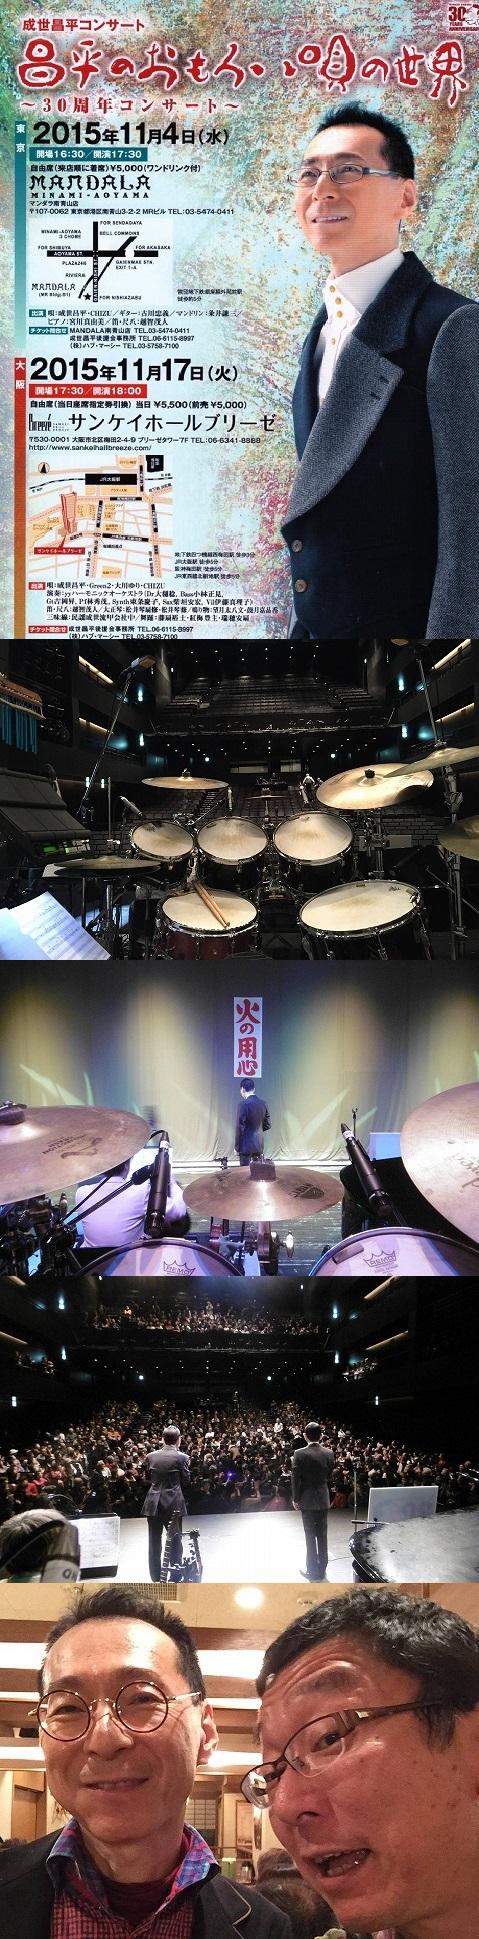 20151117成世昌平30周年コンサート